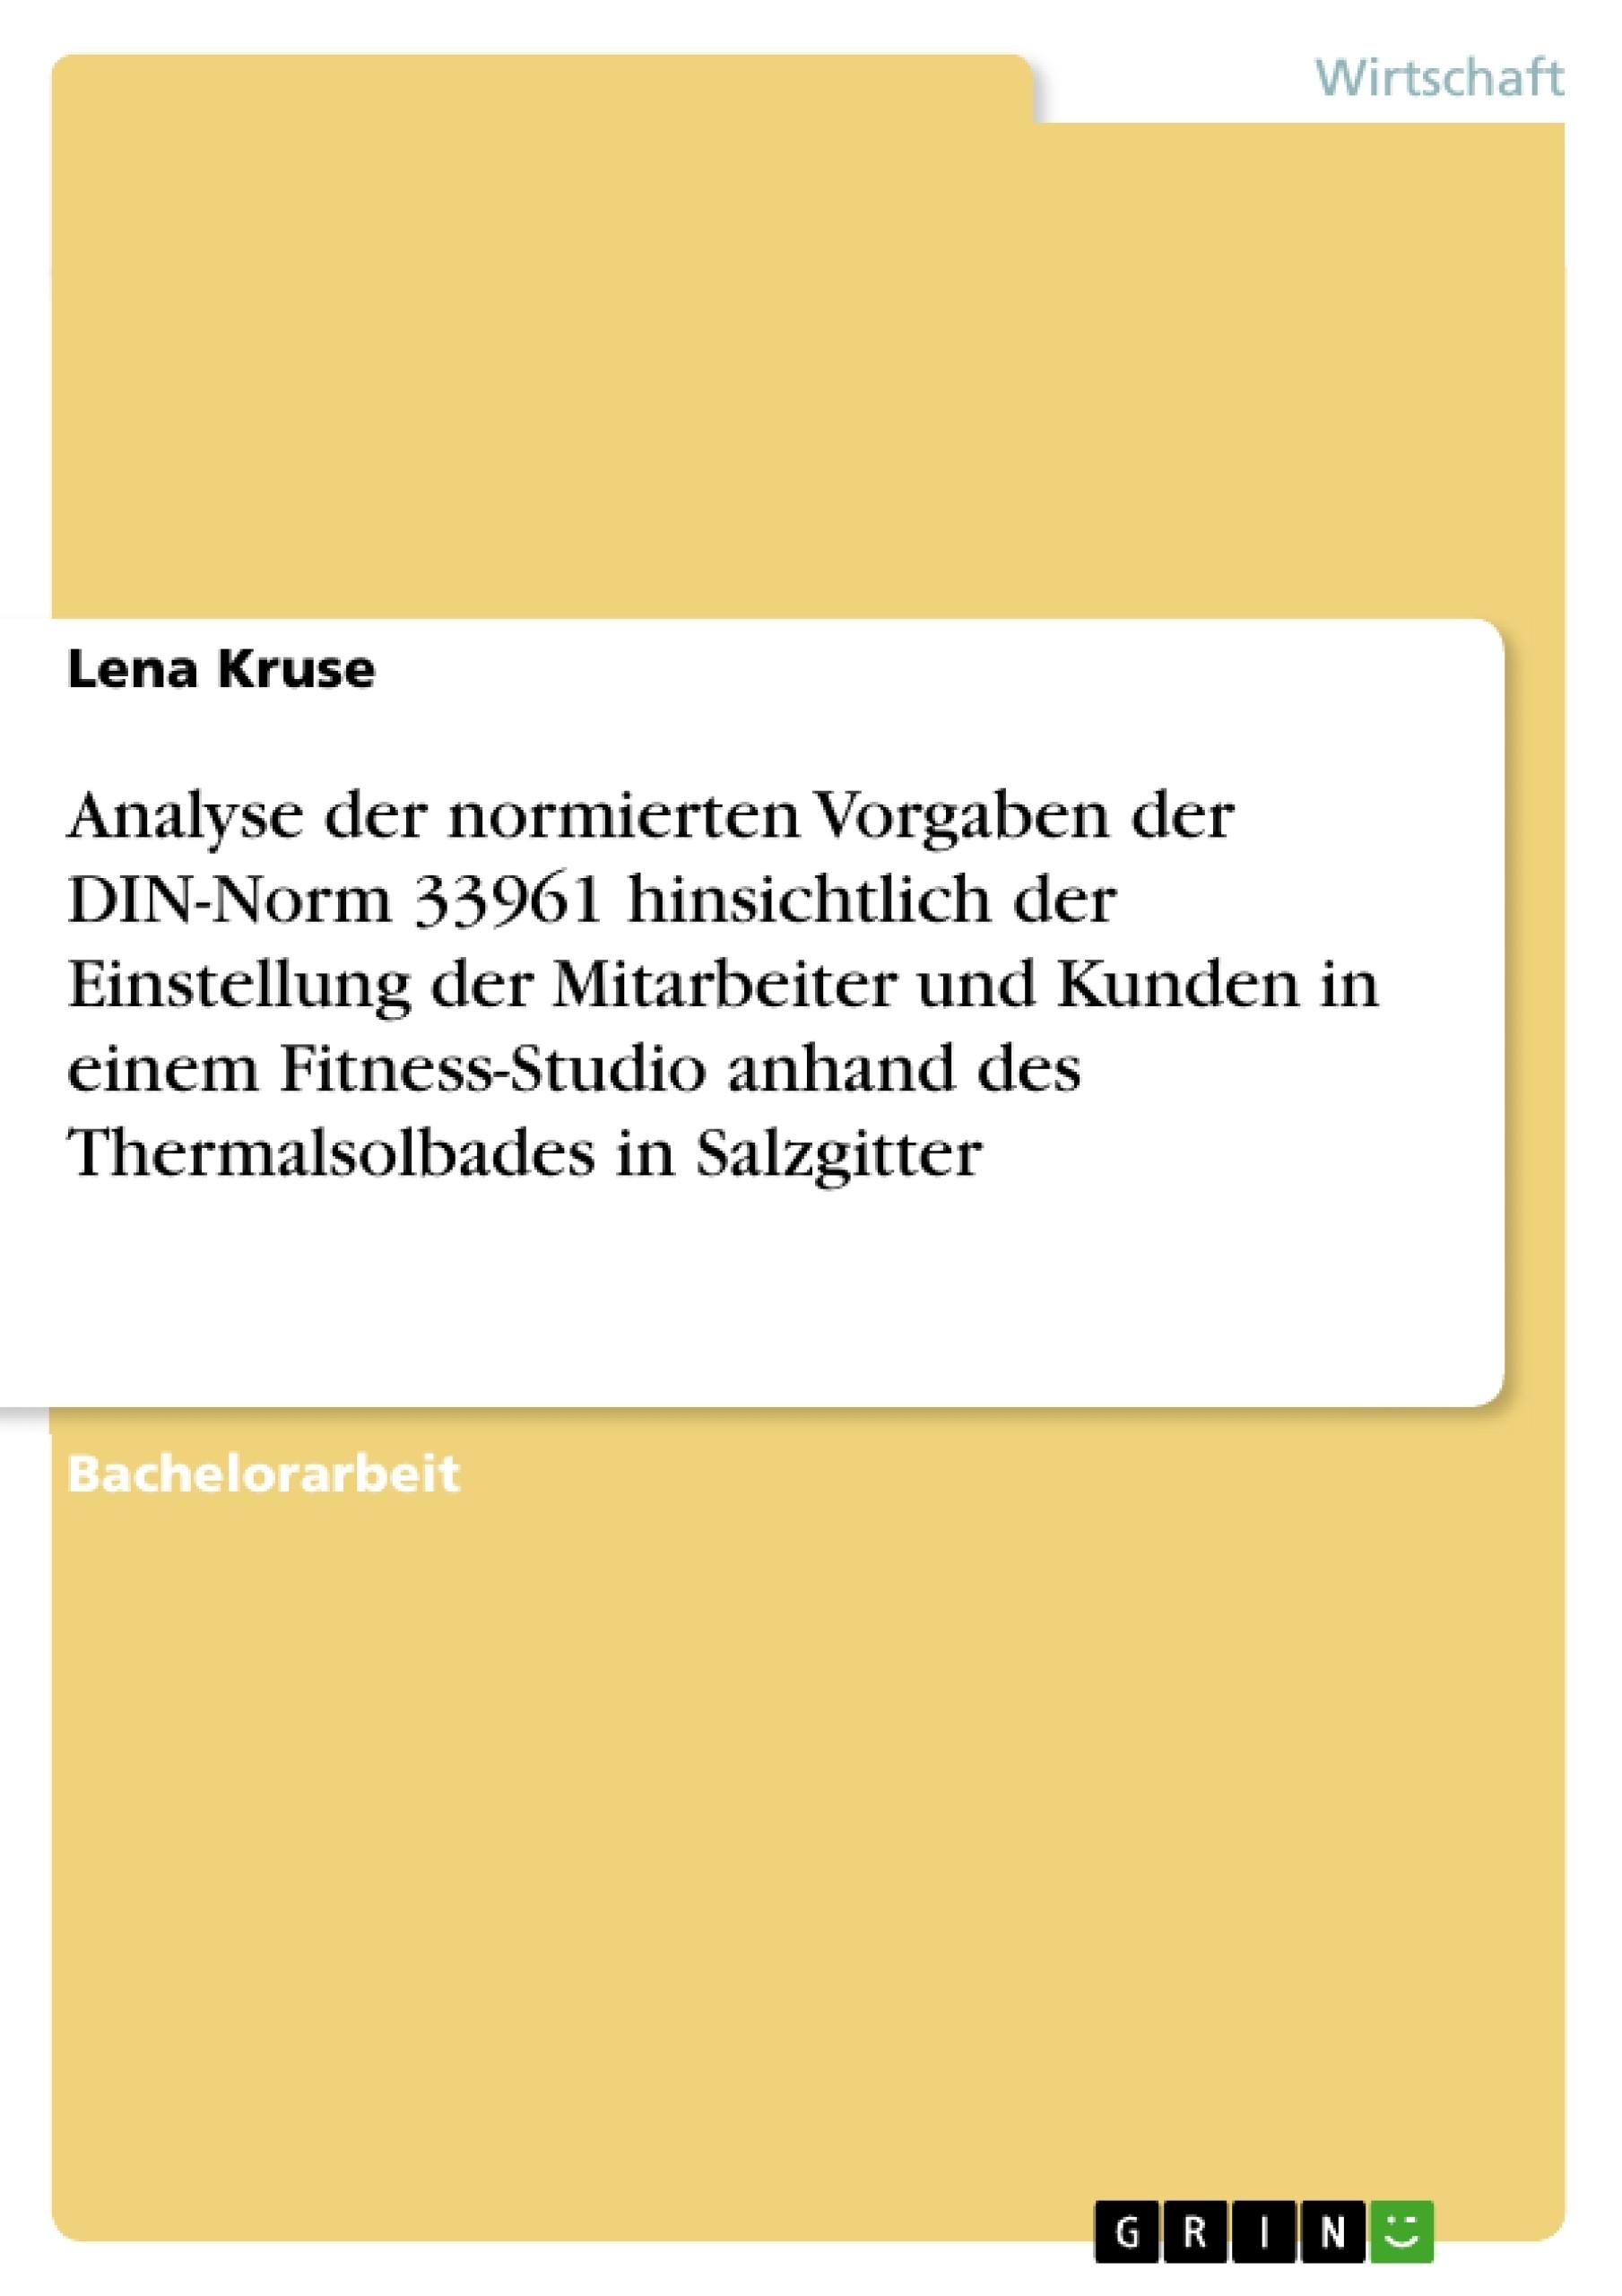 Titel: Analyse der normierten Vorgaben der DIN-Norm 33961 hinsichtlich der Einstellung der Mitarbeiter und Kunden in einem Fitness-Studio anhand des Thermalsolbades in Salzgitter